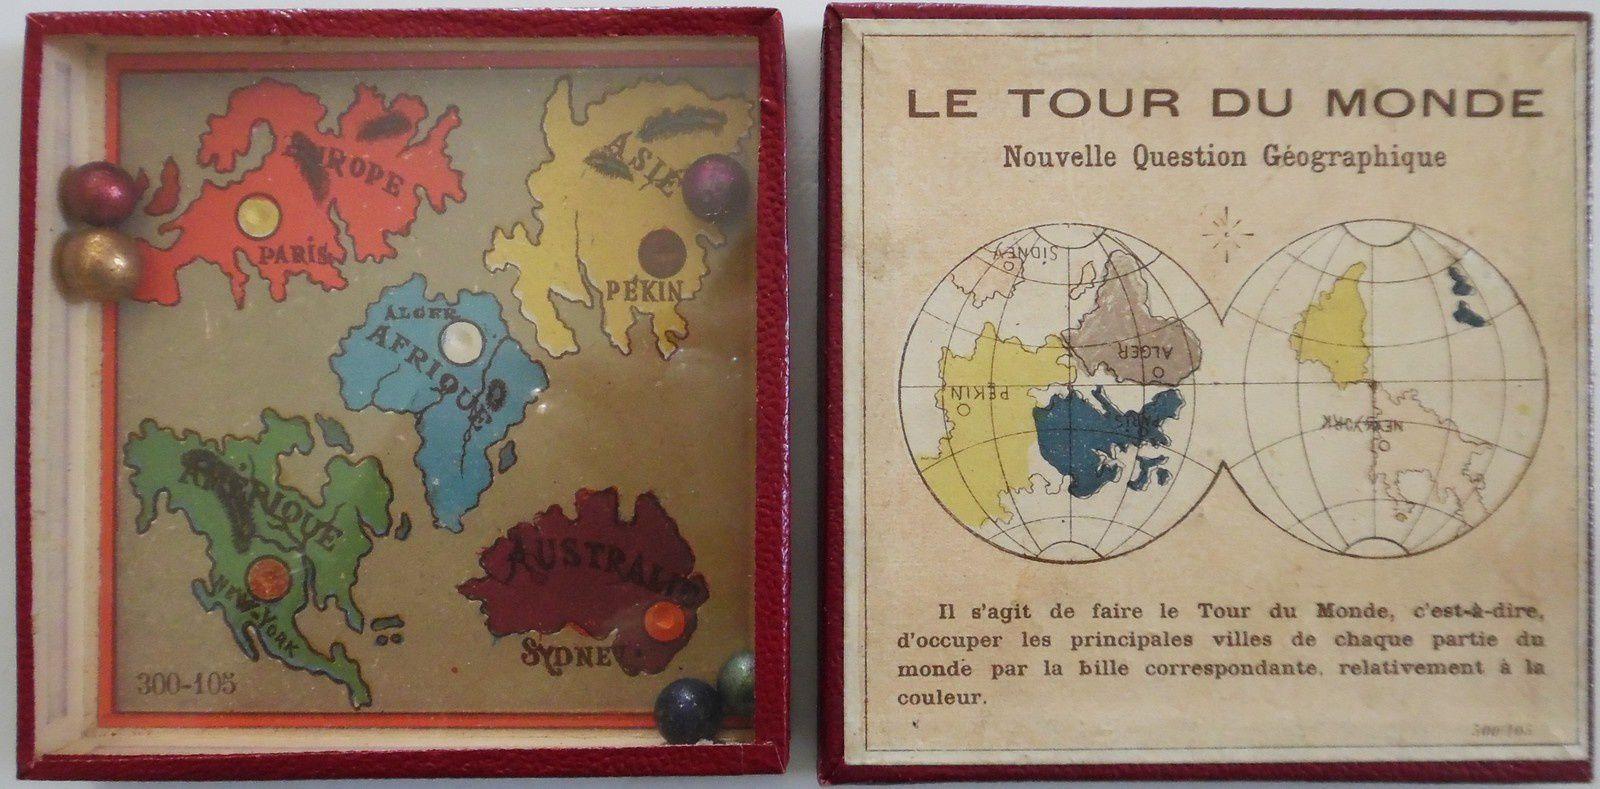 le tour du monde 300-105